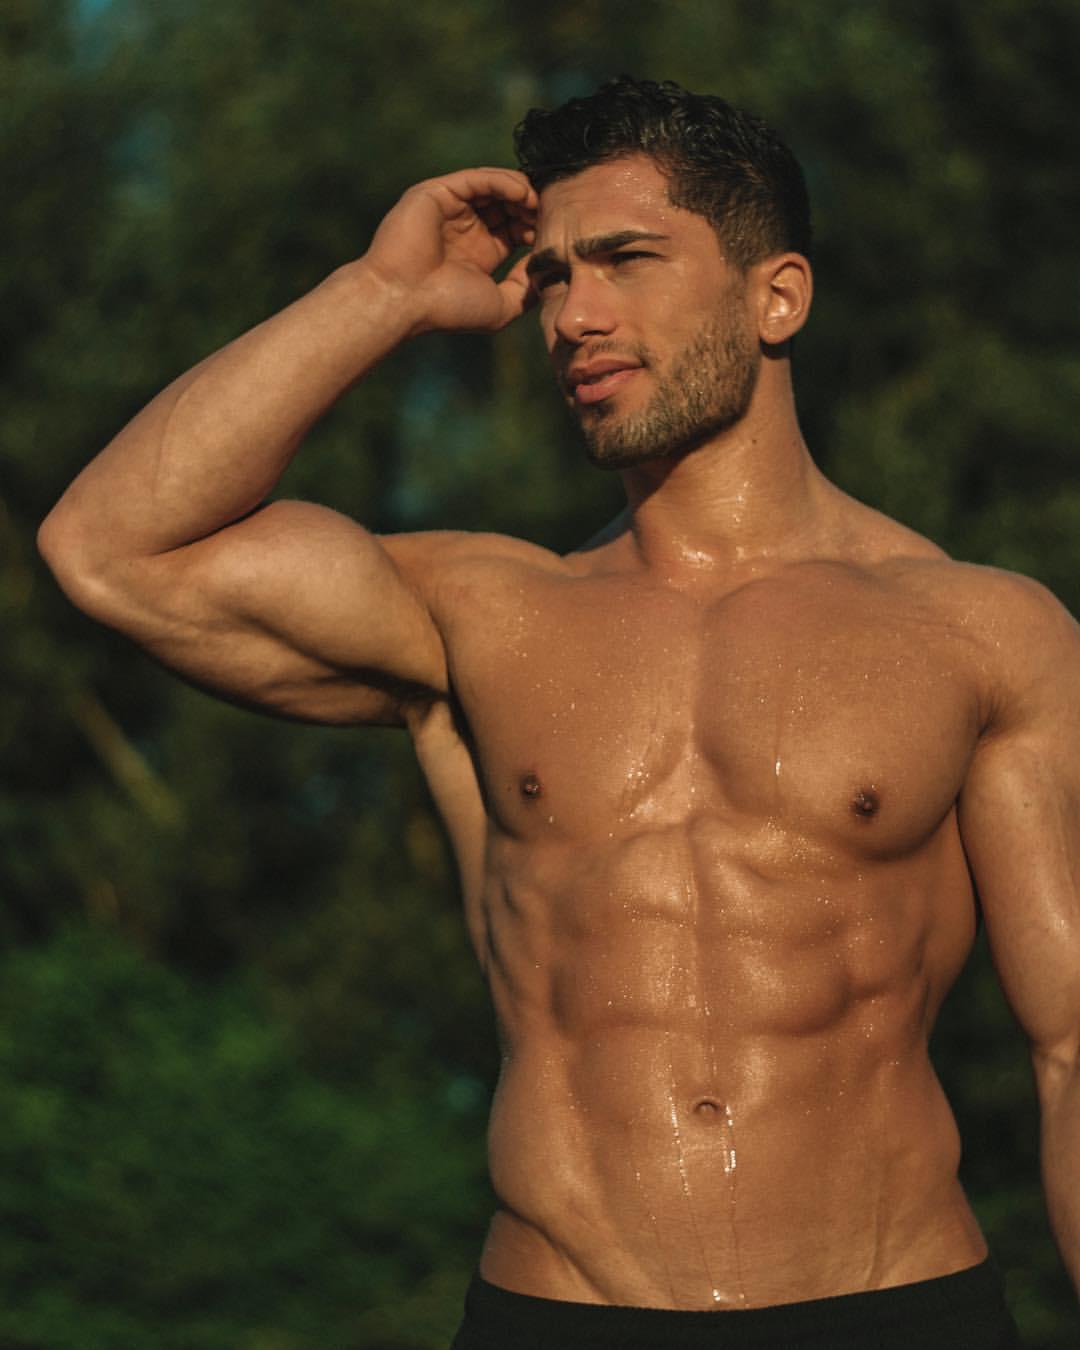 Anthony Pecoraro Porn shirtless men on the blog: marino katsouris shirtless